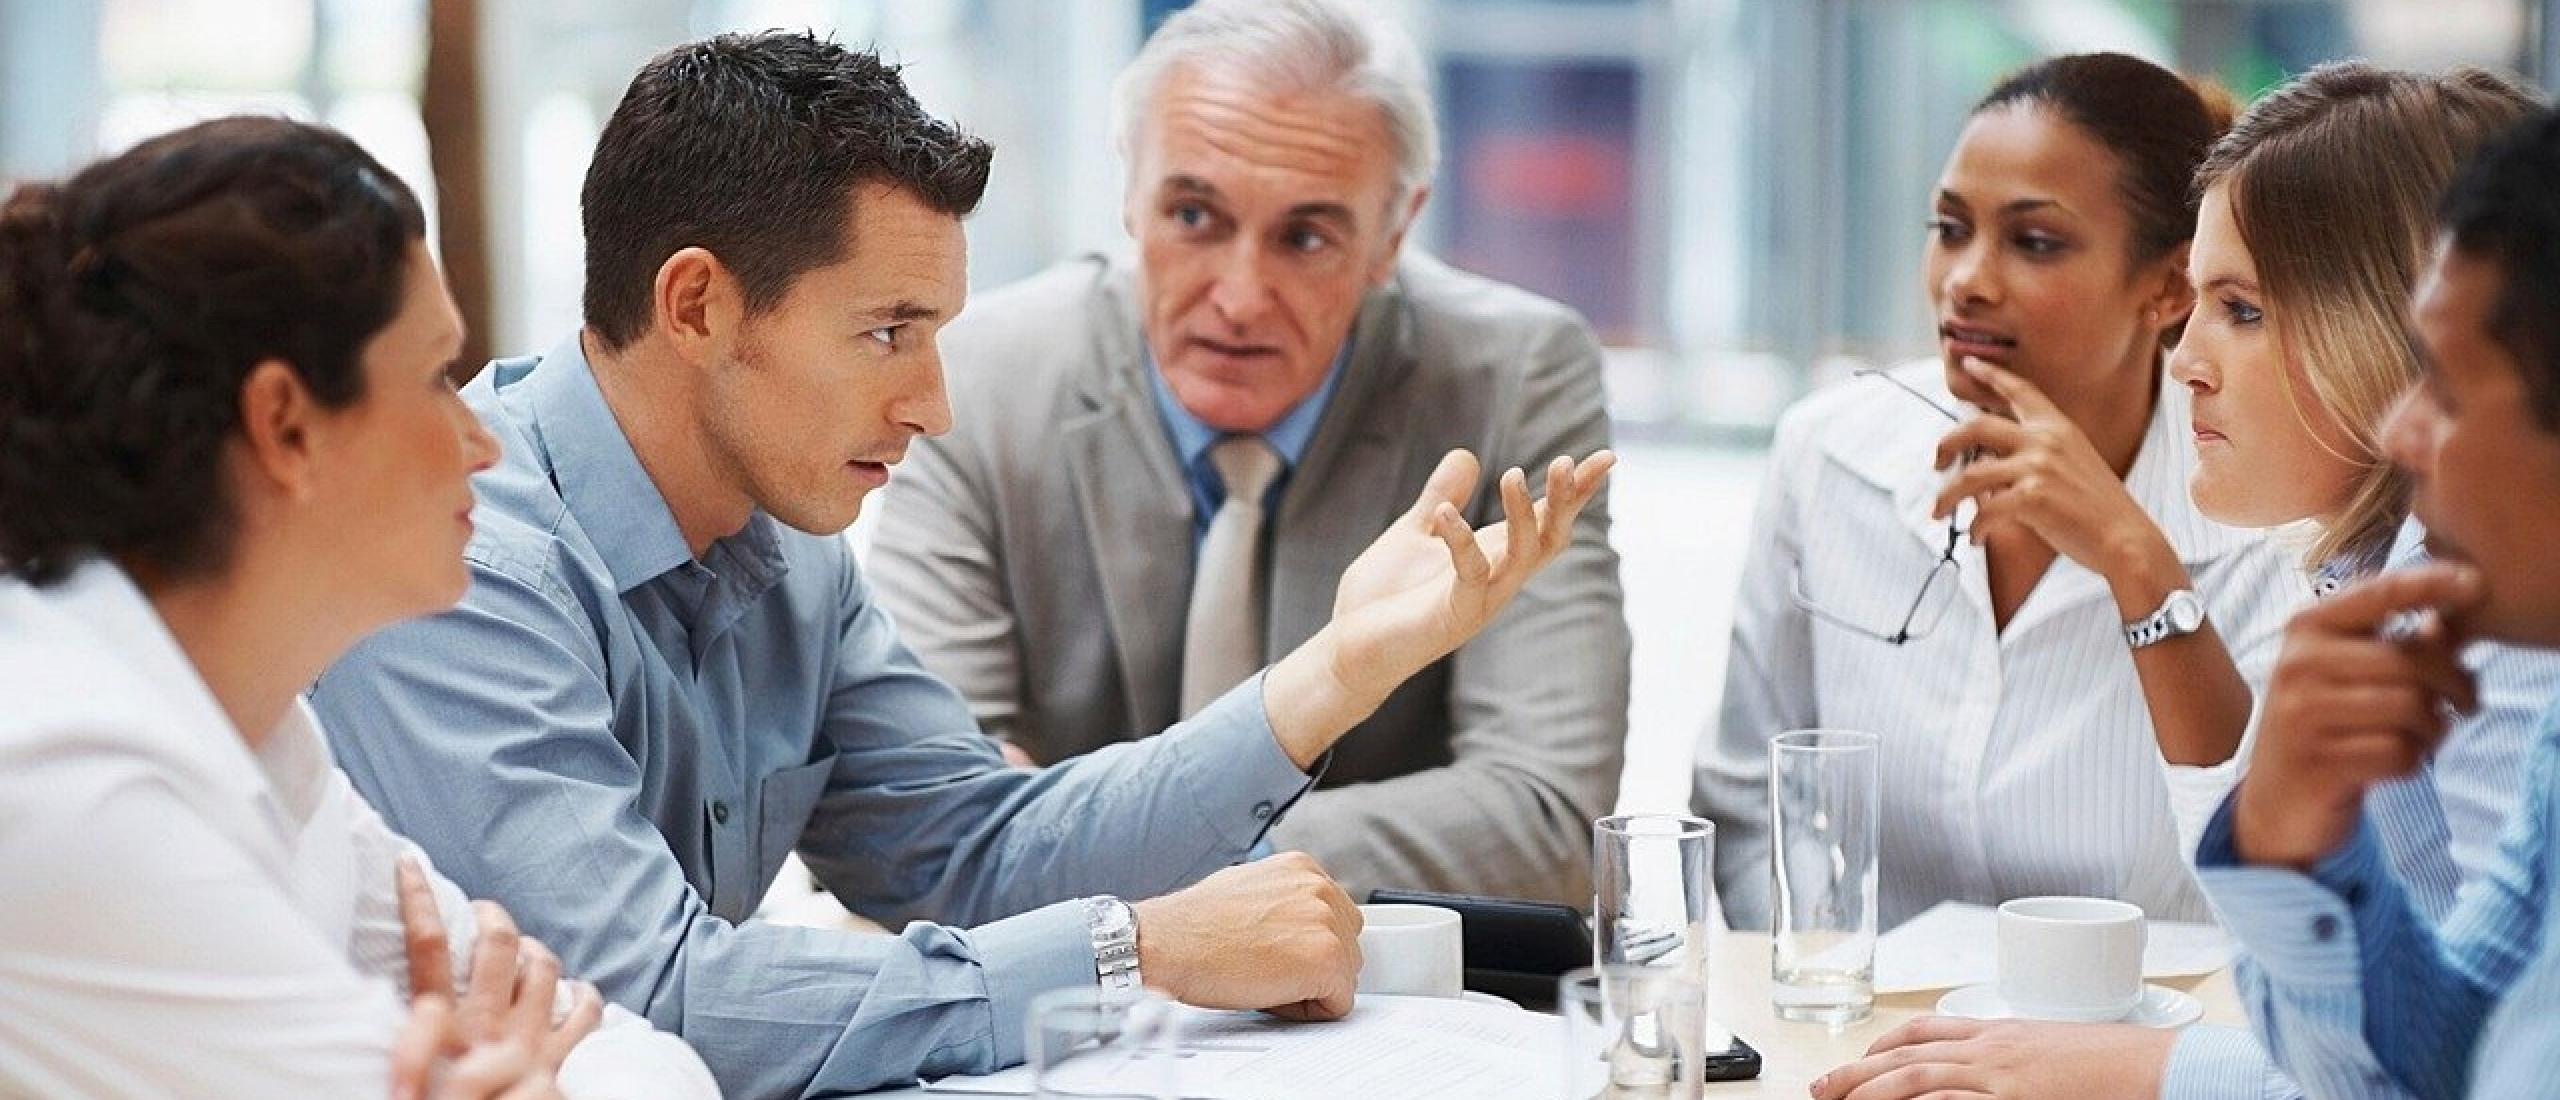 Frustraties binnen het team? Los het op met een teambuilding traject